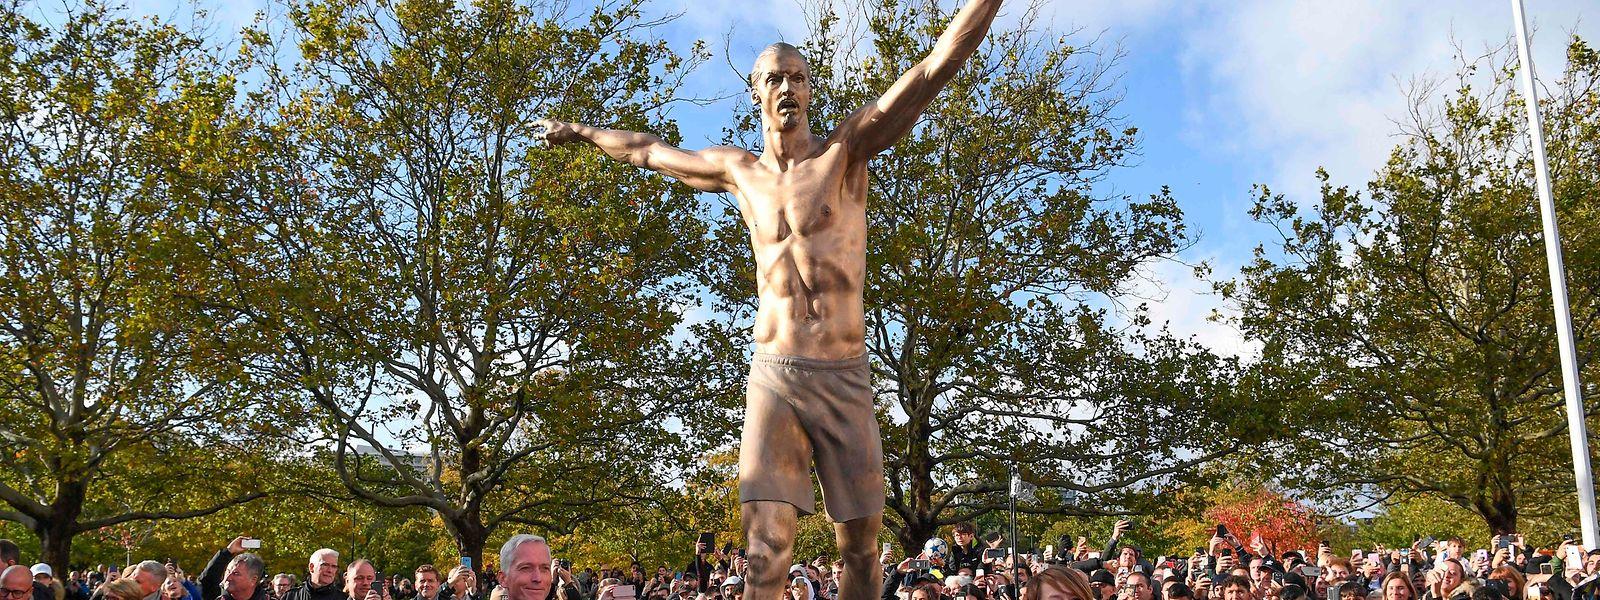 La statue de Zlatan fait 2,7 mètres de hauteur et pèse une demi-tonne